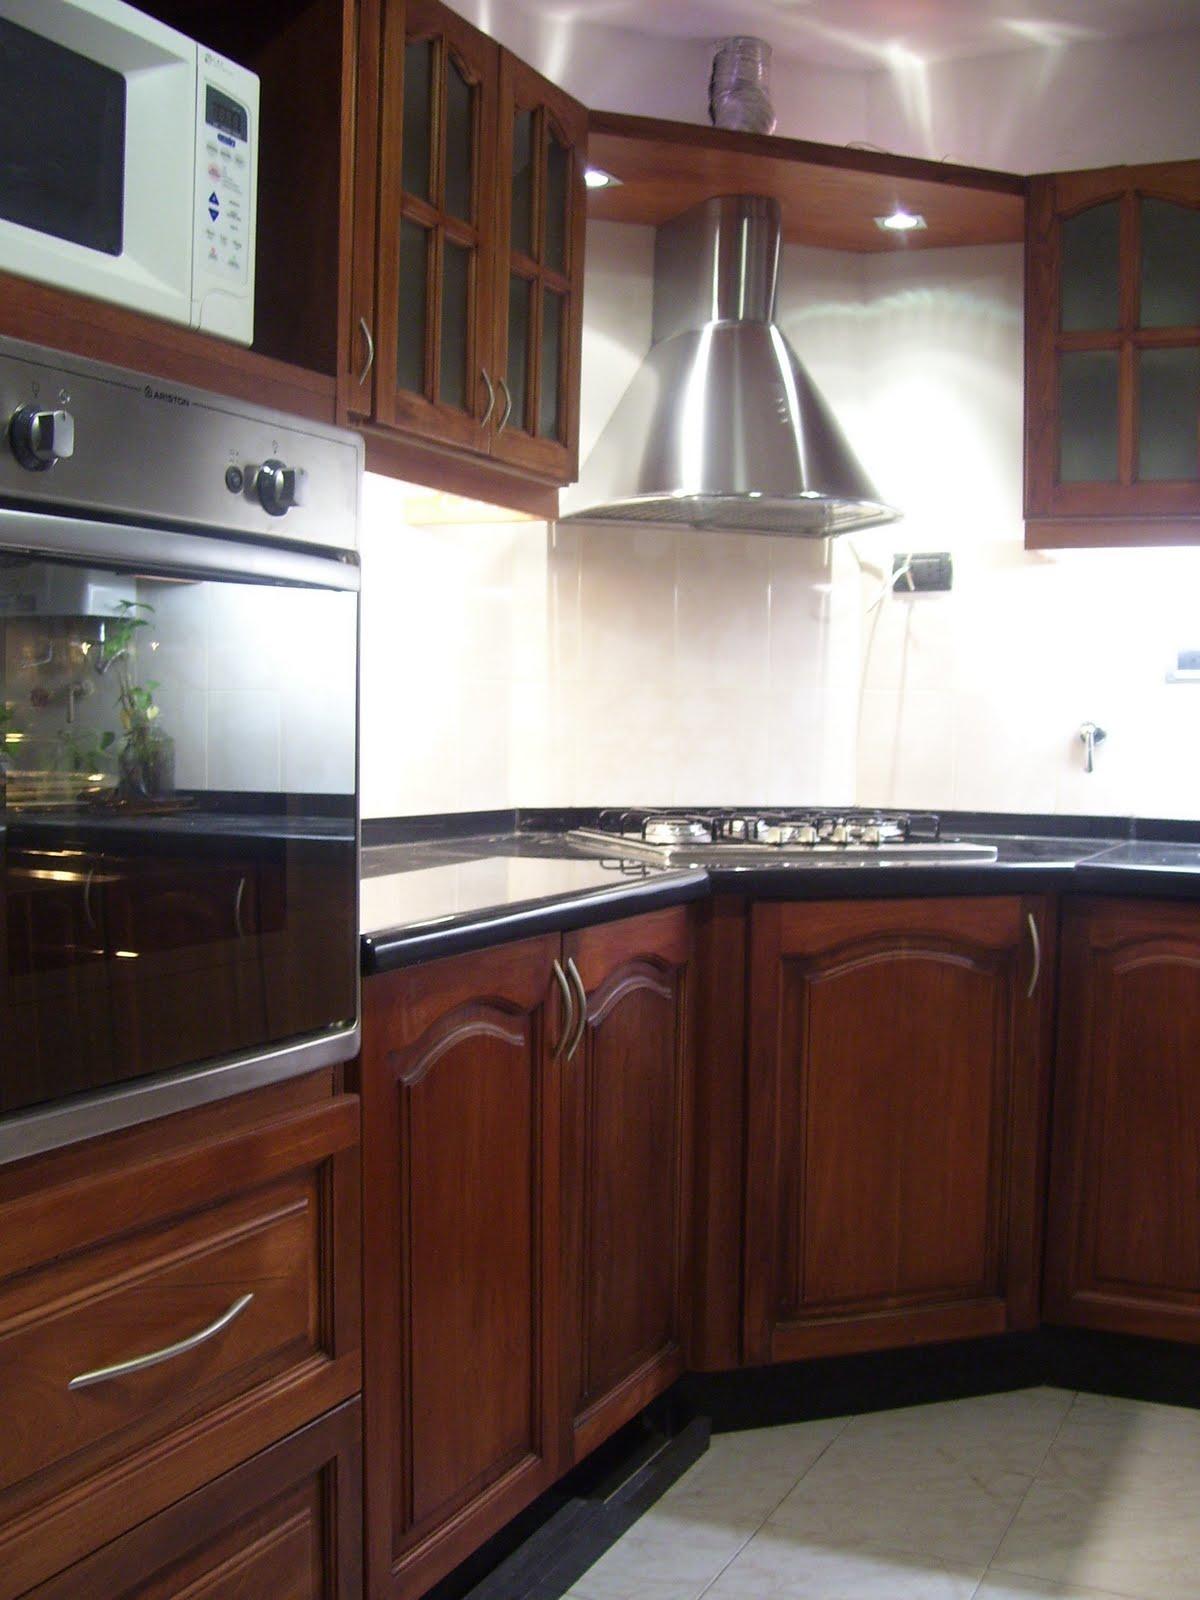 Dise o y desarrollo de muebles cocina en cedro macizo for Muebles de diseno uruguay